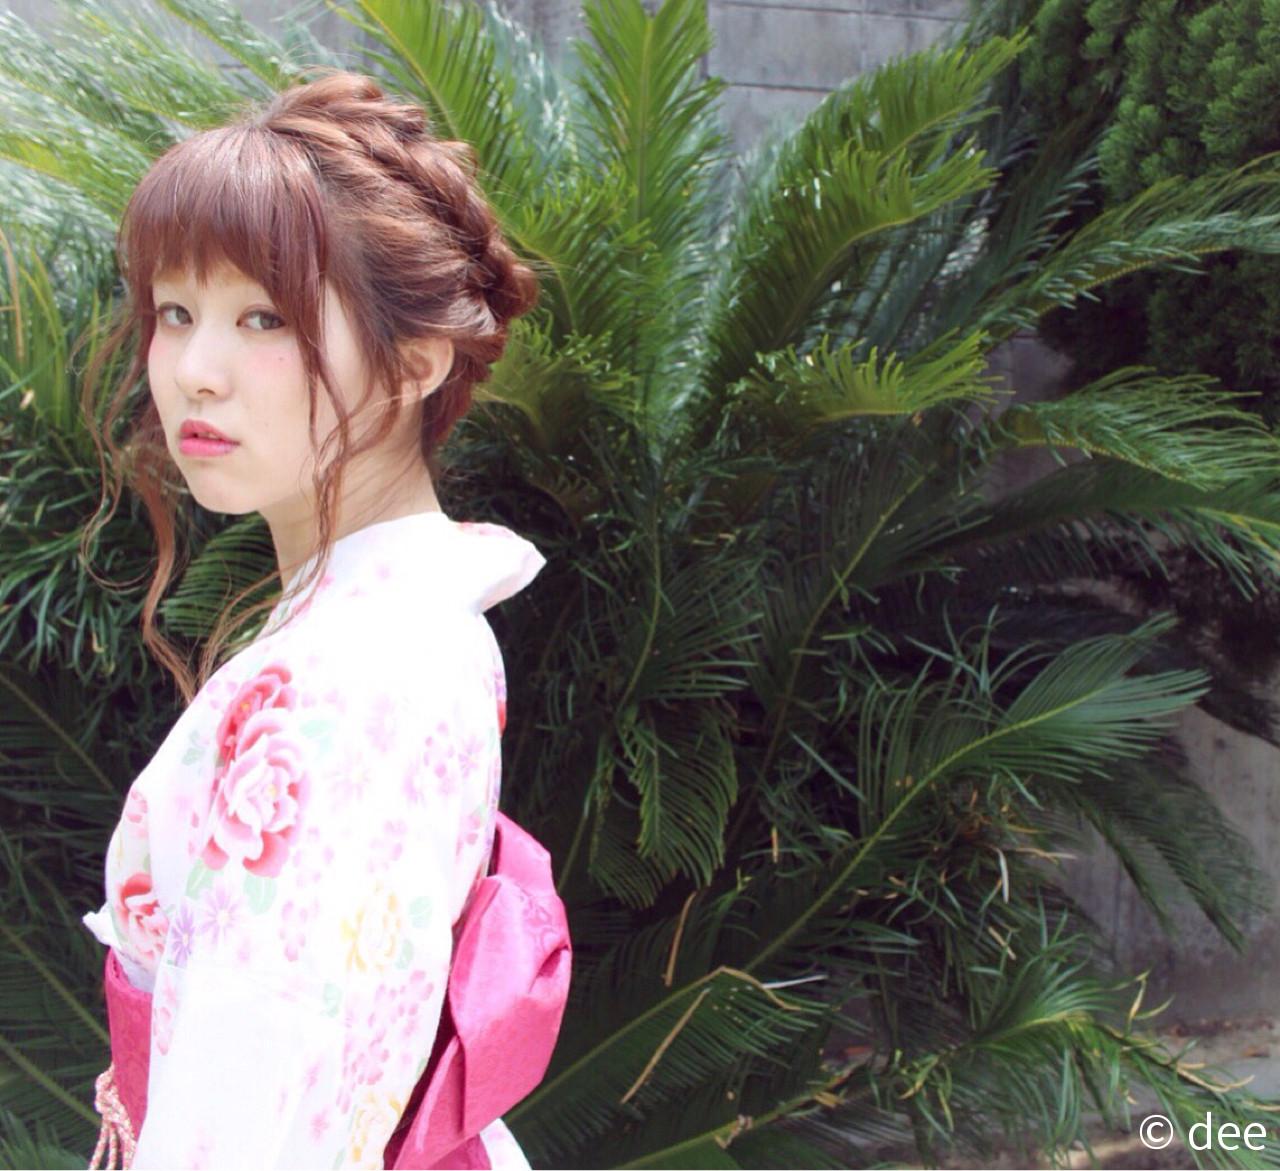 波ウェーブ セミロング 花火大会 ヘアアレンジ ヘアスタイルや髪型の写真・画像 | dee / dee